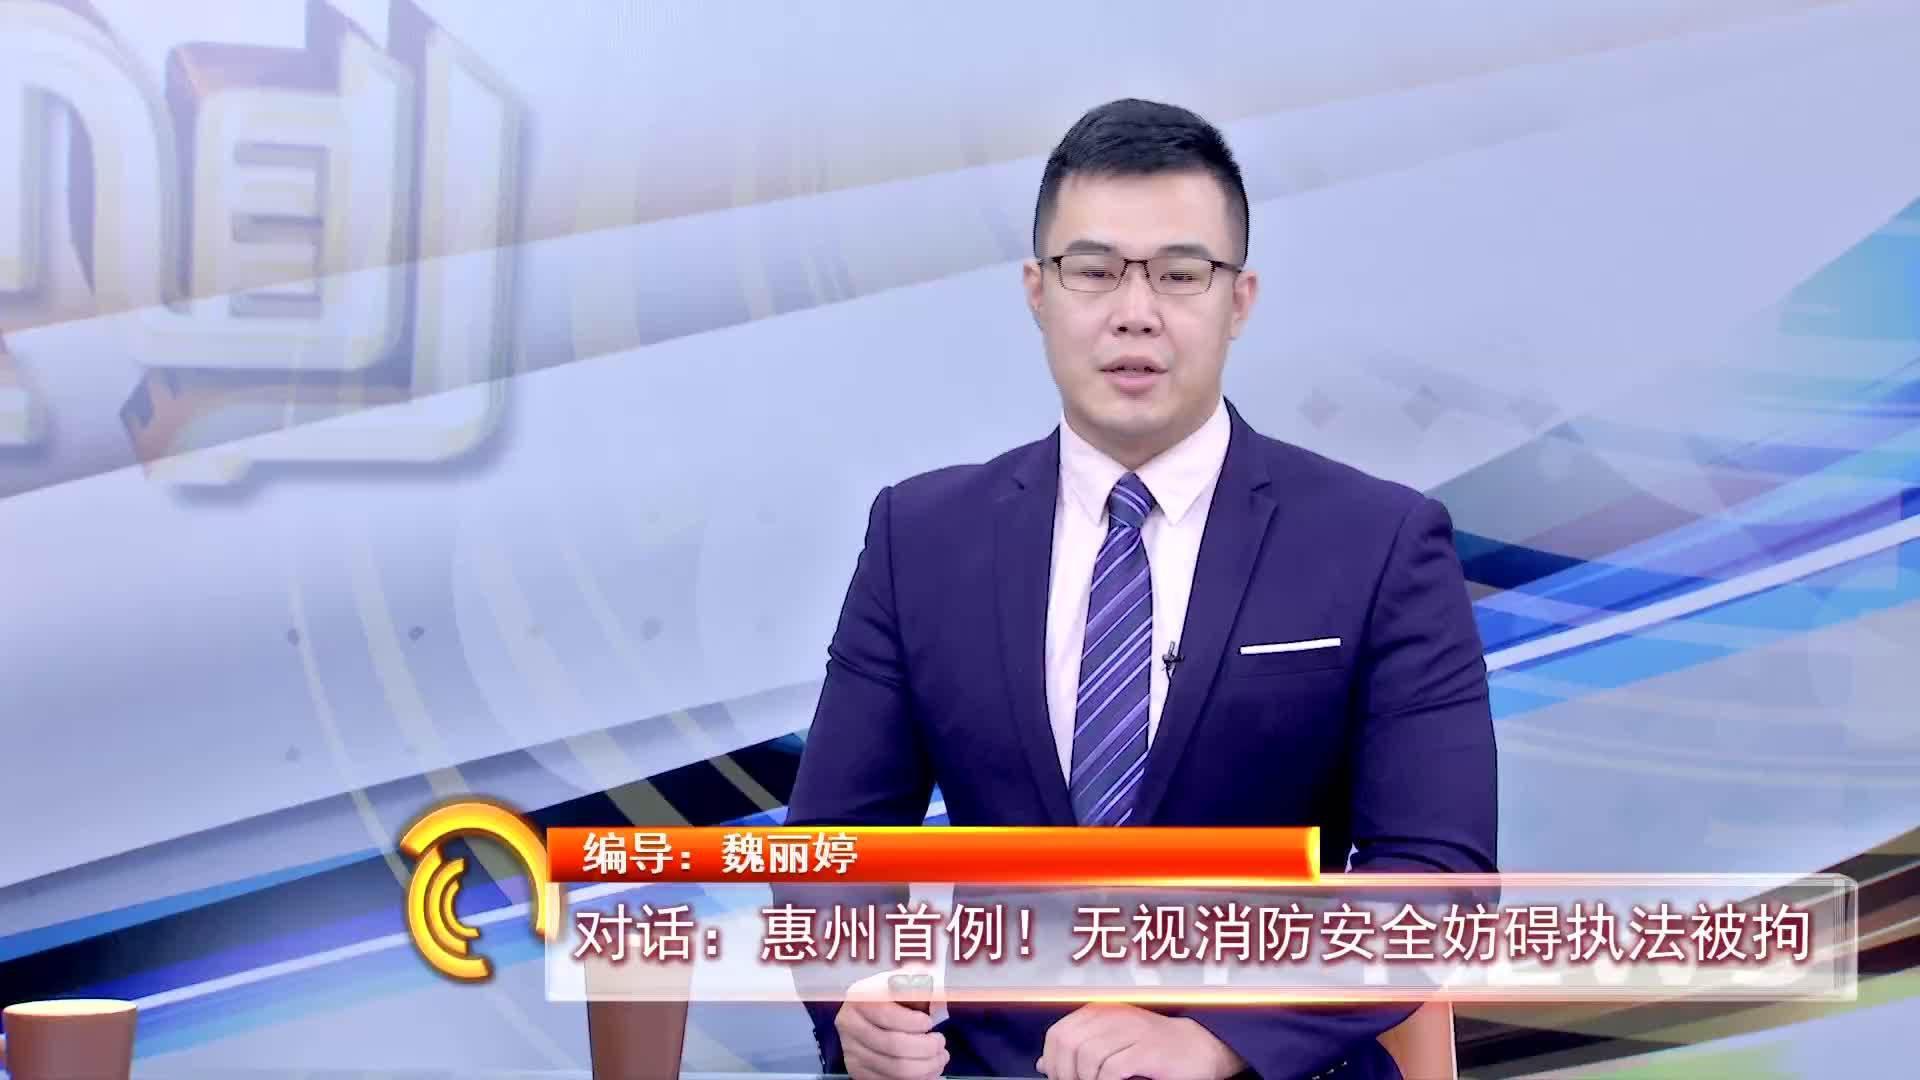 对话:惠州首例!无视消防安全妨碍执法被拘!……